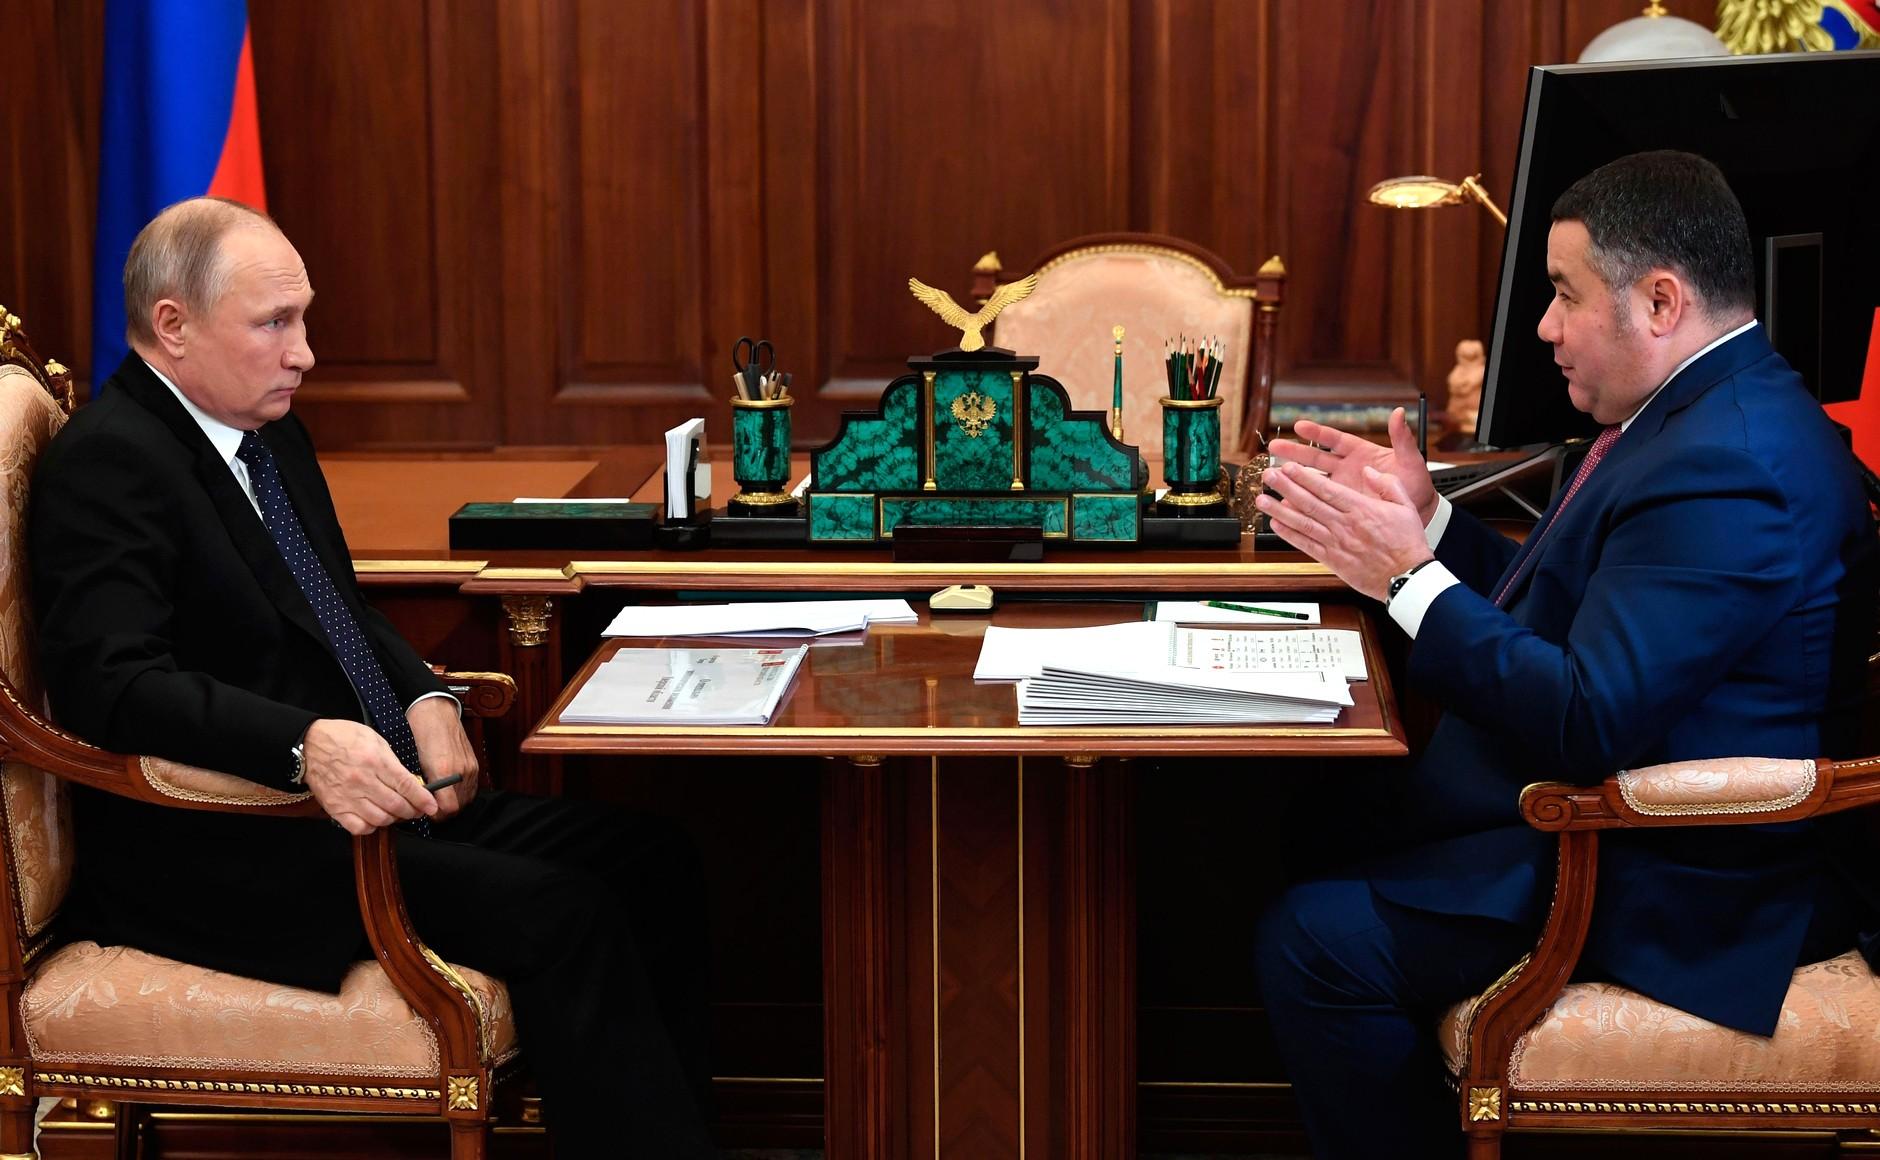 Игорь Руденя доложил Владимиру Путину о поддержке бизнеса в Тверской области